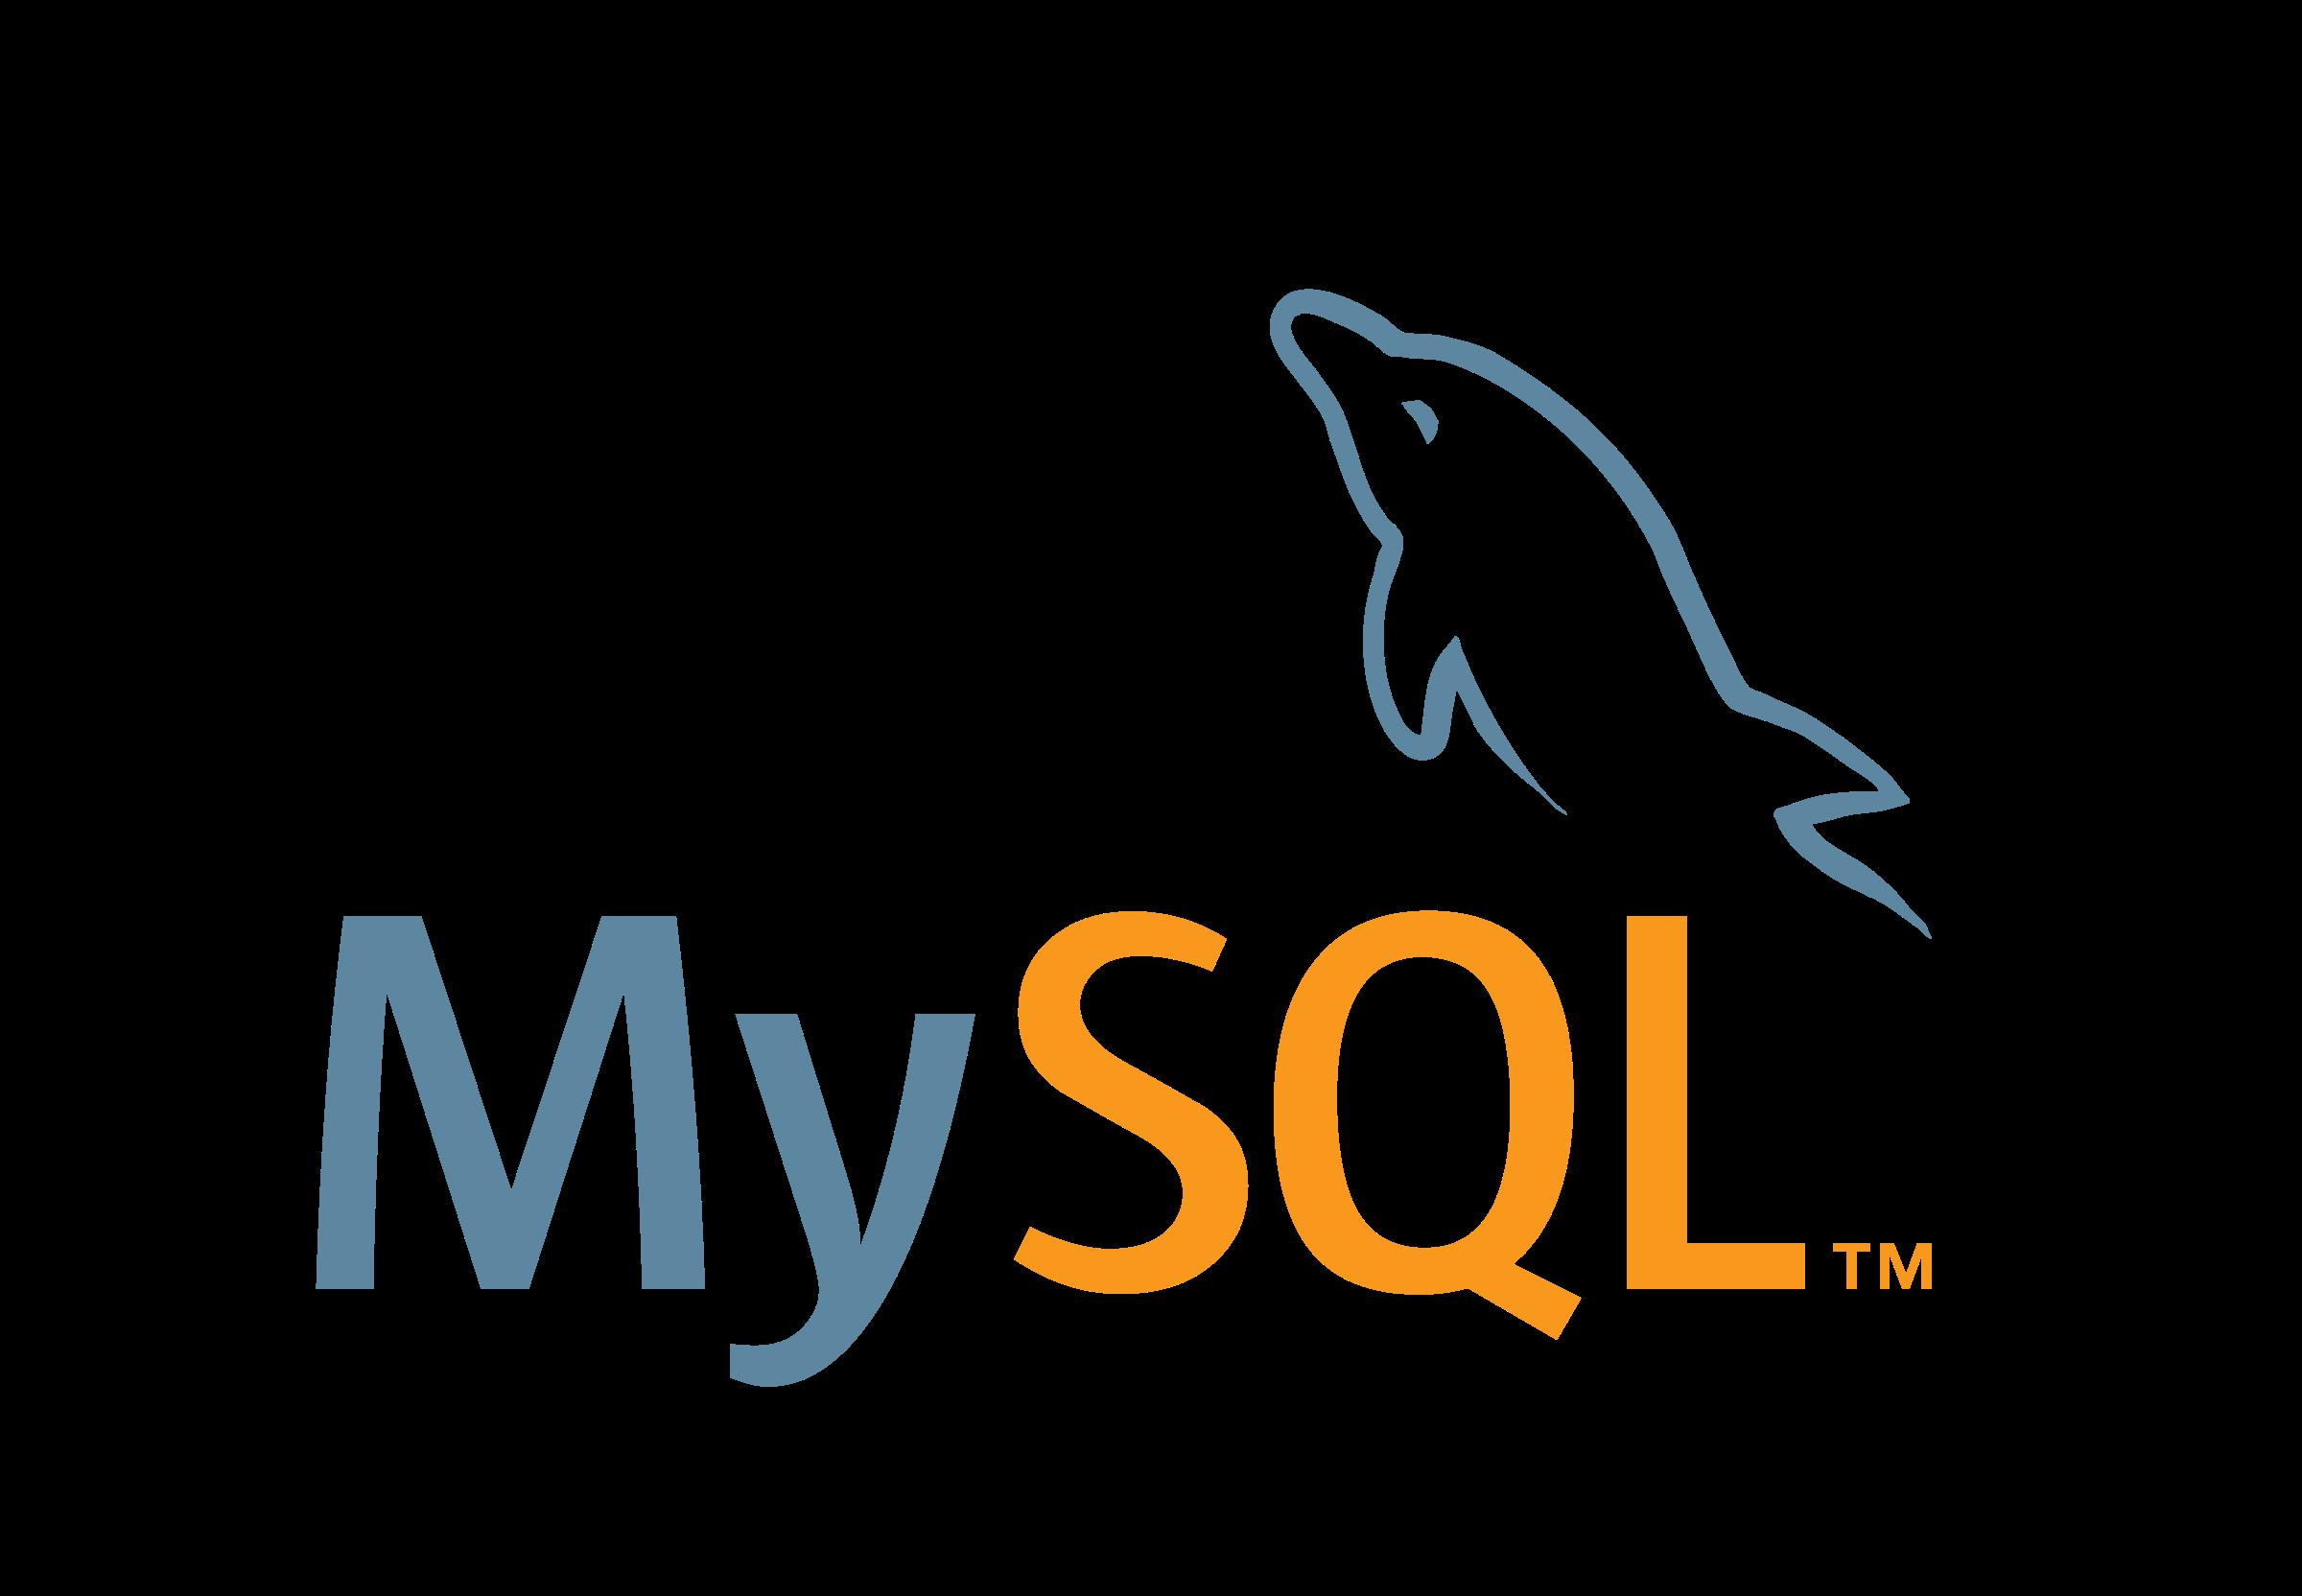 基于Percona分支制作的Mysql单节点应用,支持全量mysql配置。